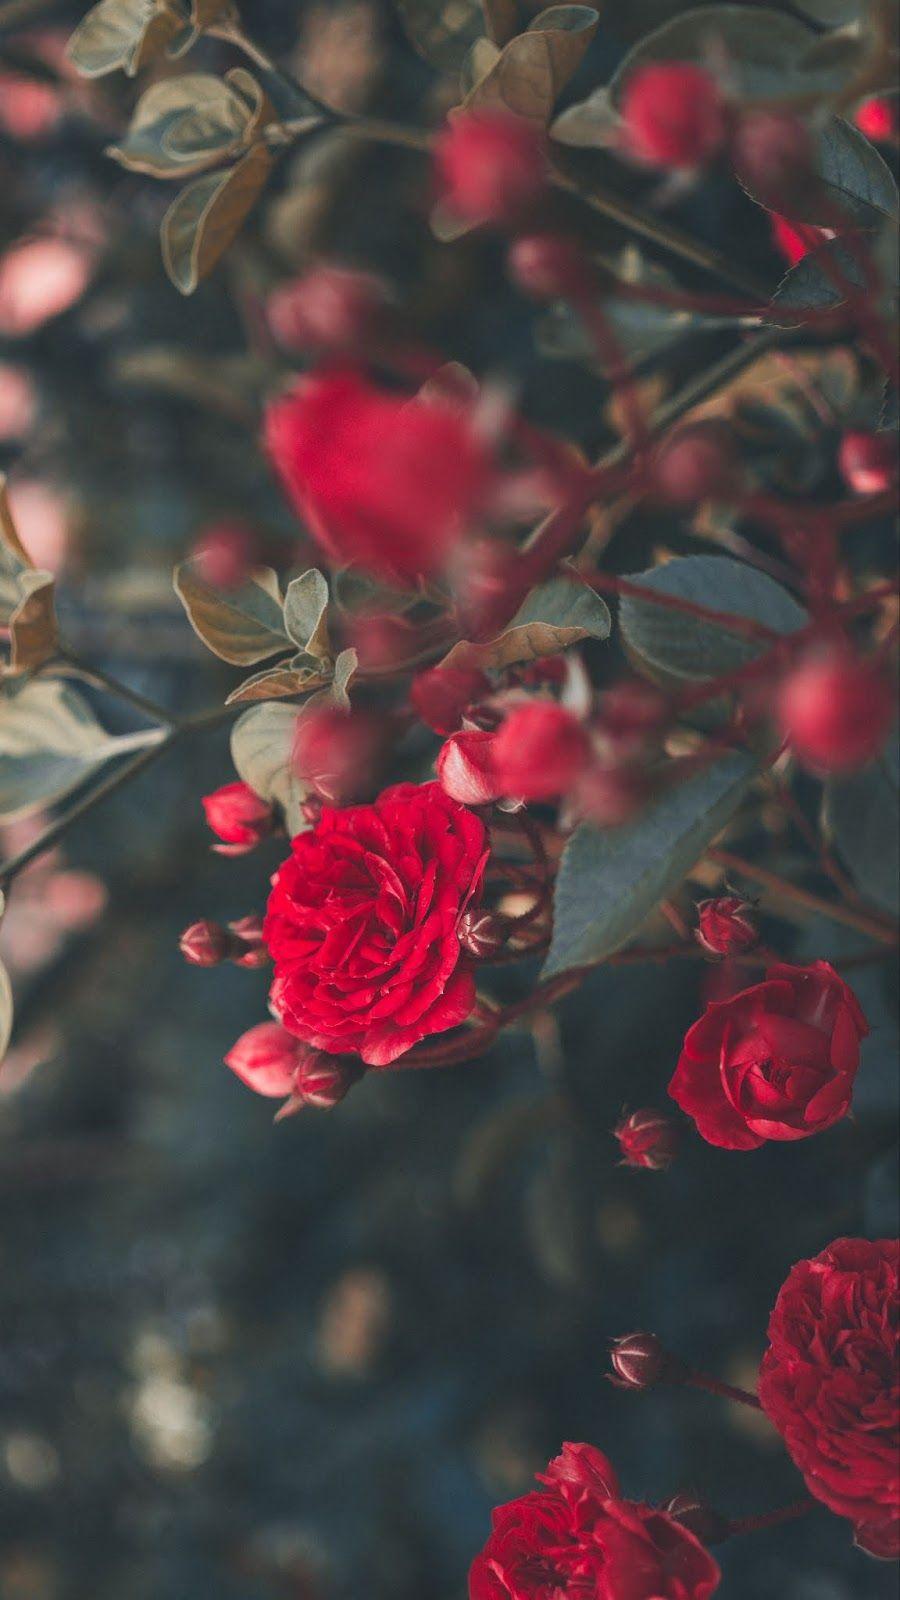 Red Rose Rose Wallpaper Flower Aesthetic Dozen Red Roses